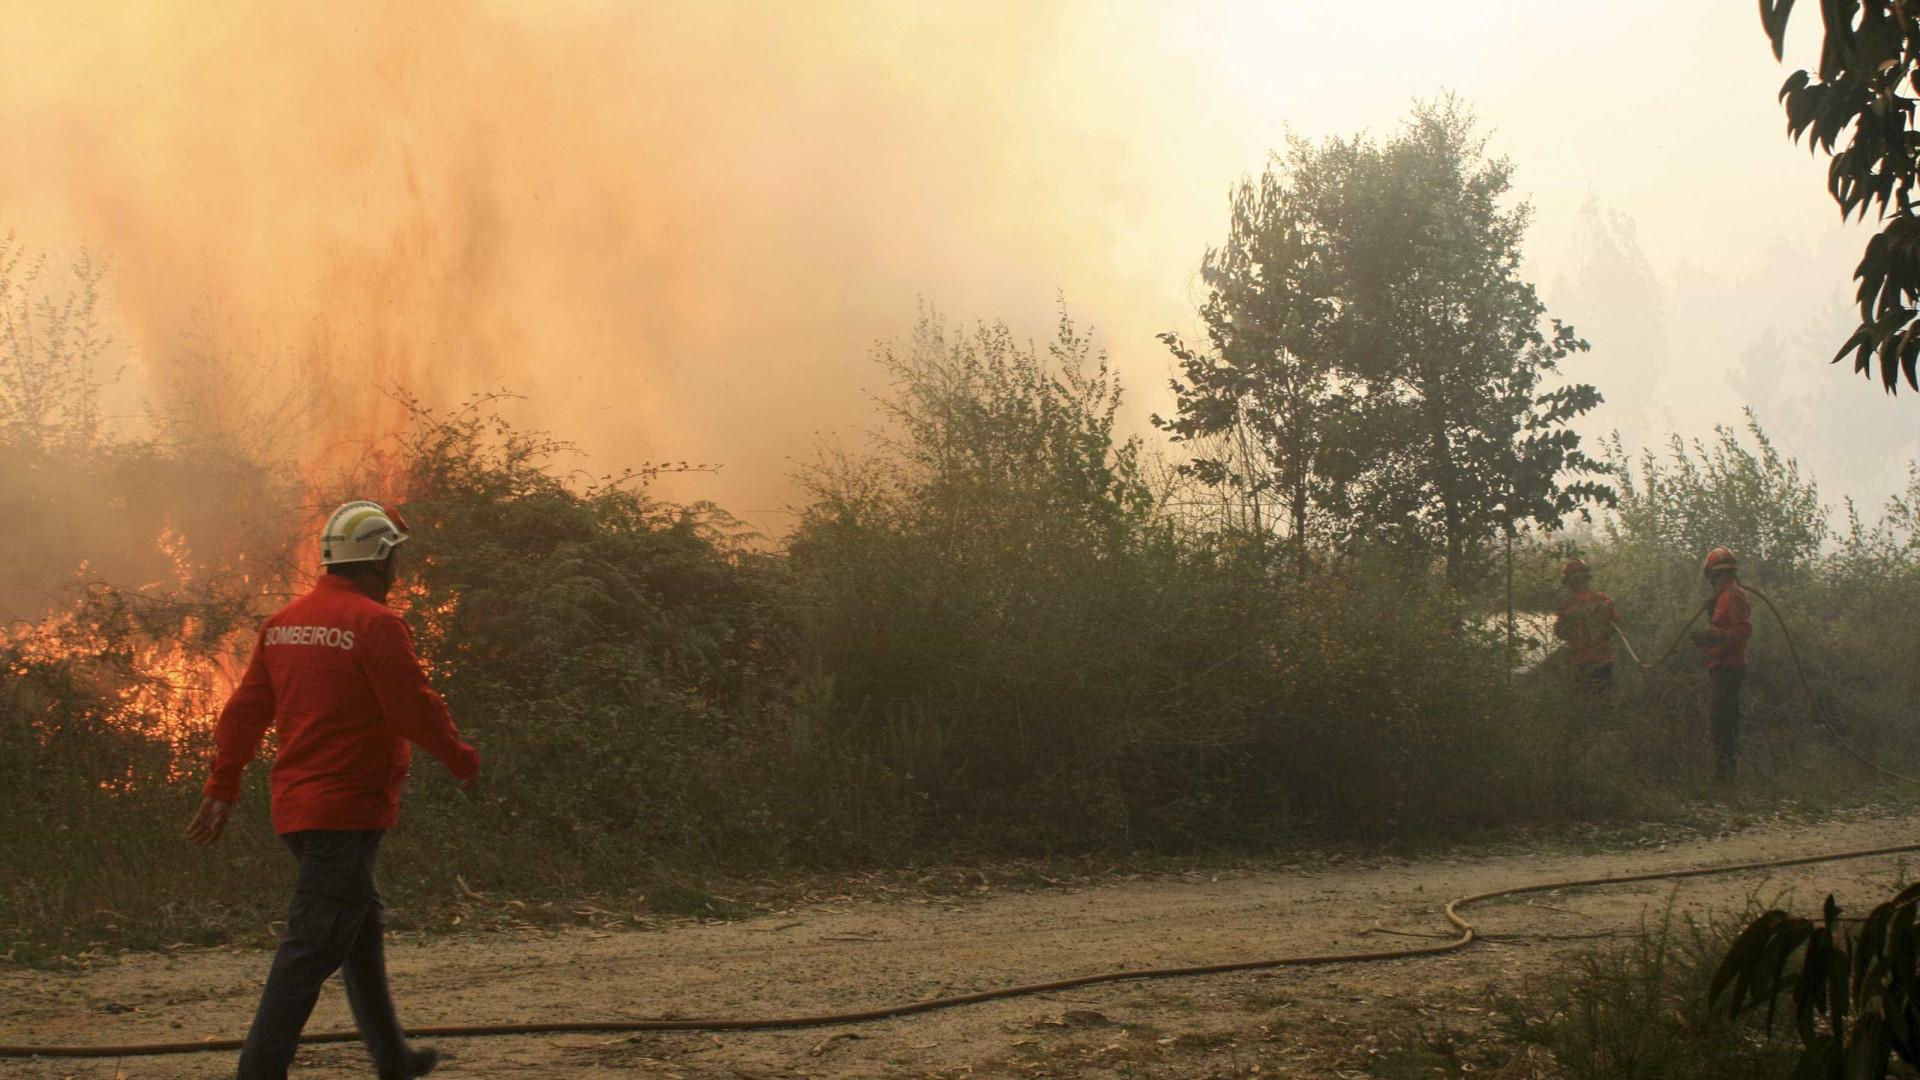 Vento forte dificulta trabalho dos bombeiros no parque Peneda Gerês